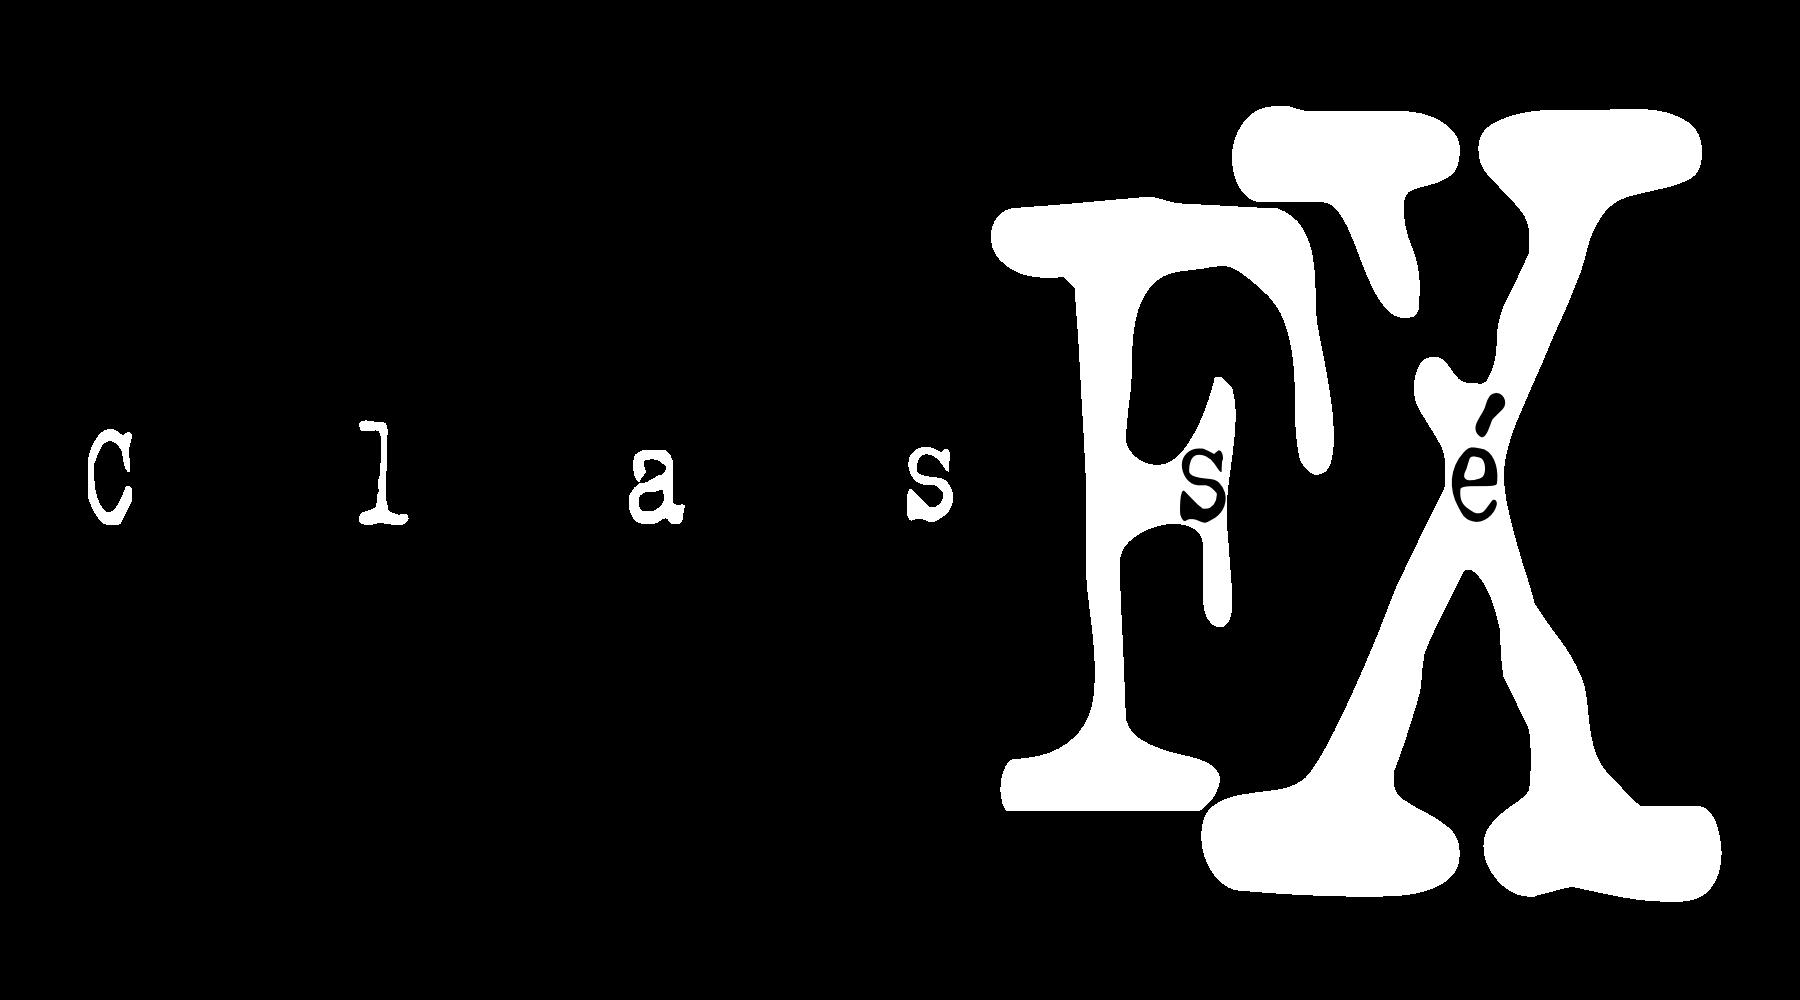 Classé FX